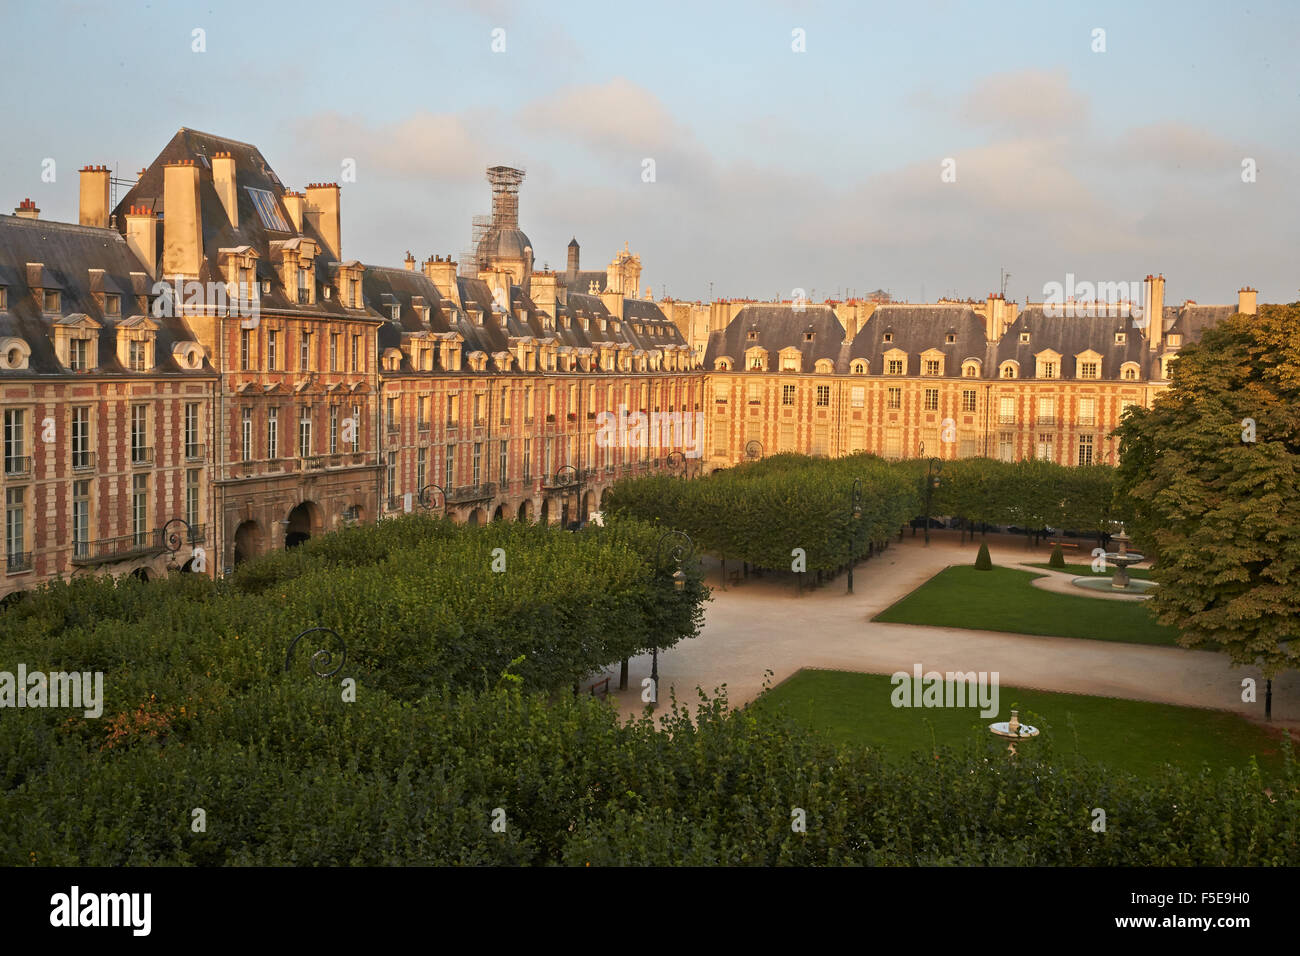 Vista de la Place des Vosges, París, Francia, Europa Imagen De Stock